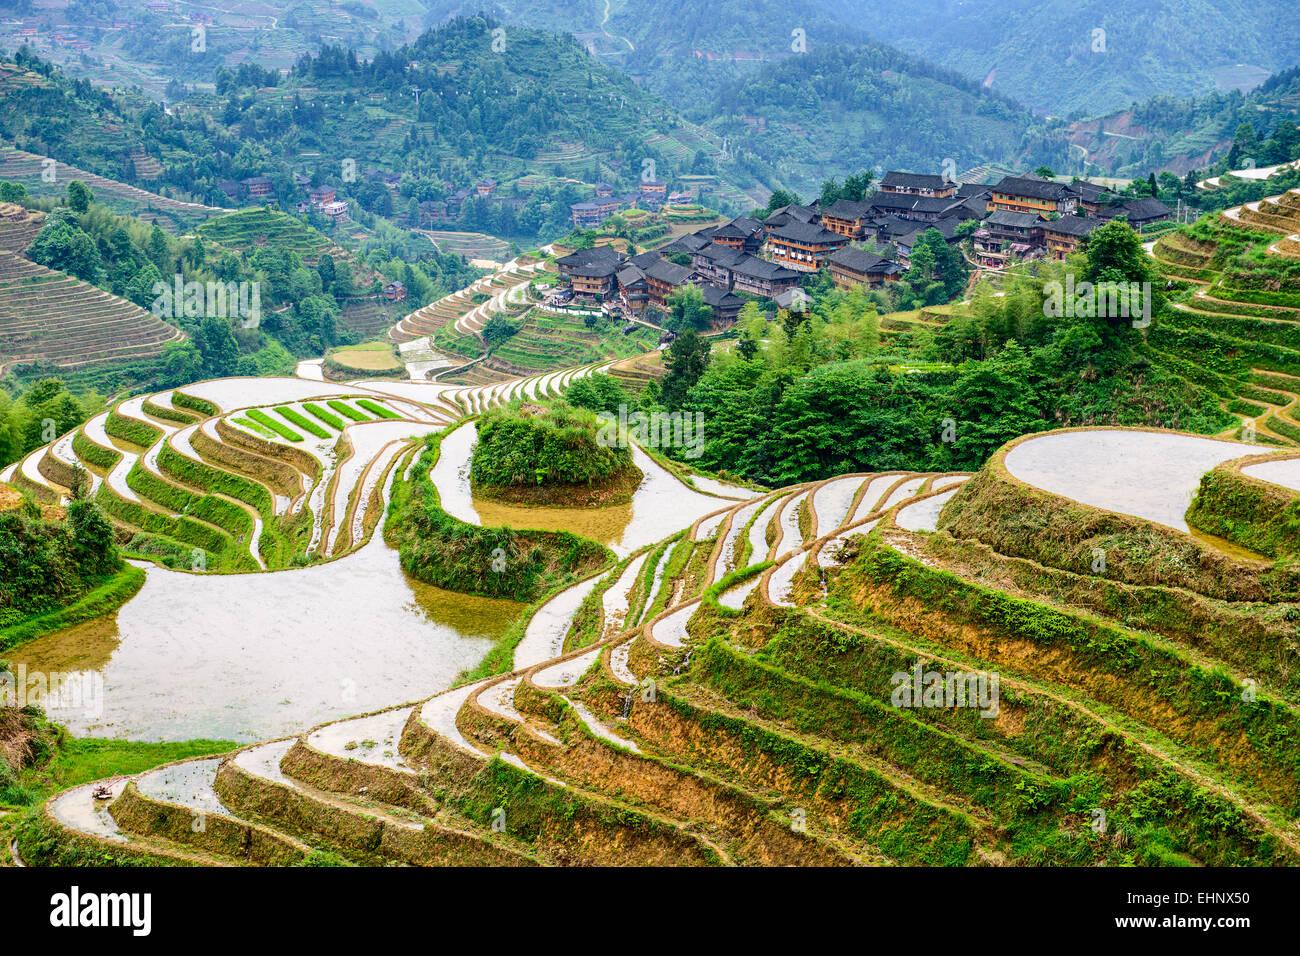 Yaoshan Montaña, Guilin, China terrazas de arroz en la ladera del paisaje. Imagen De Stock